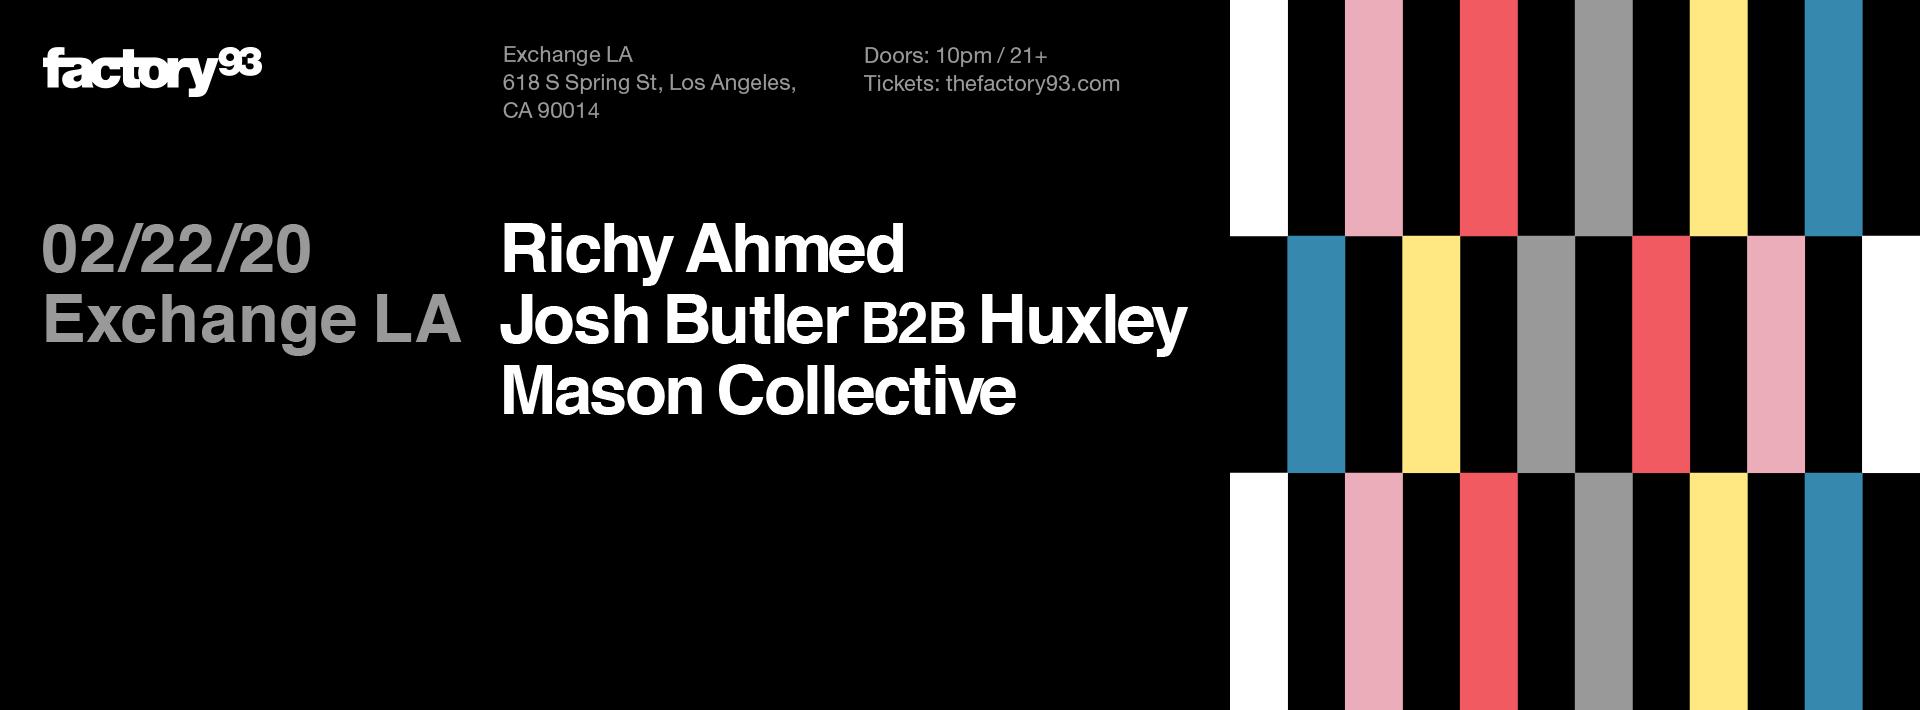 Richy Ahmed, Josh Butler b2b Huxley, Mason Collective